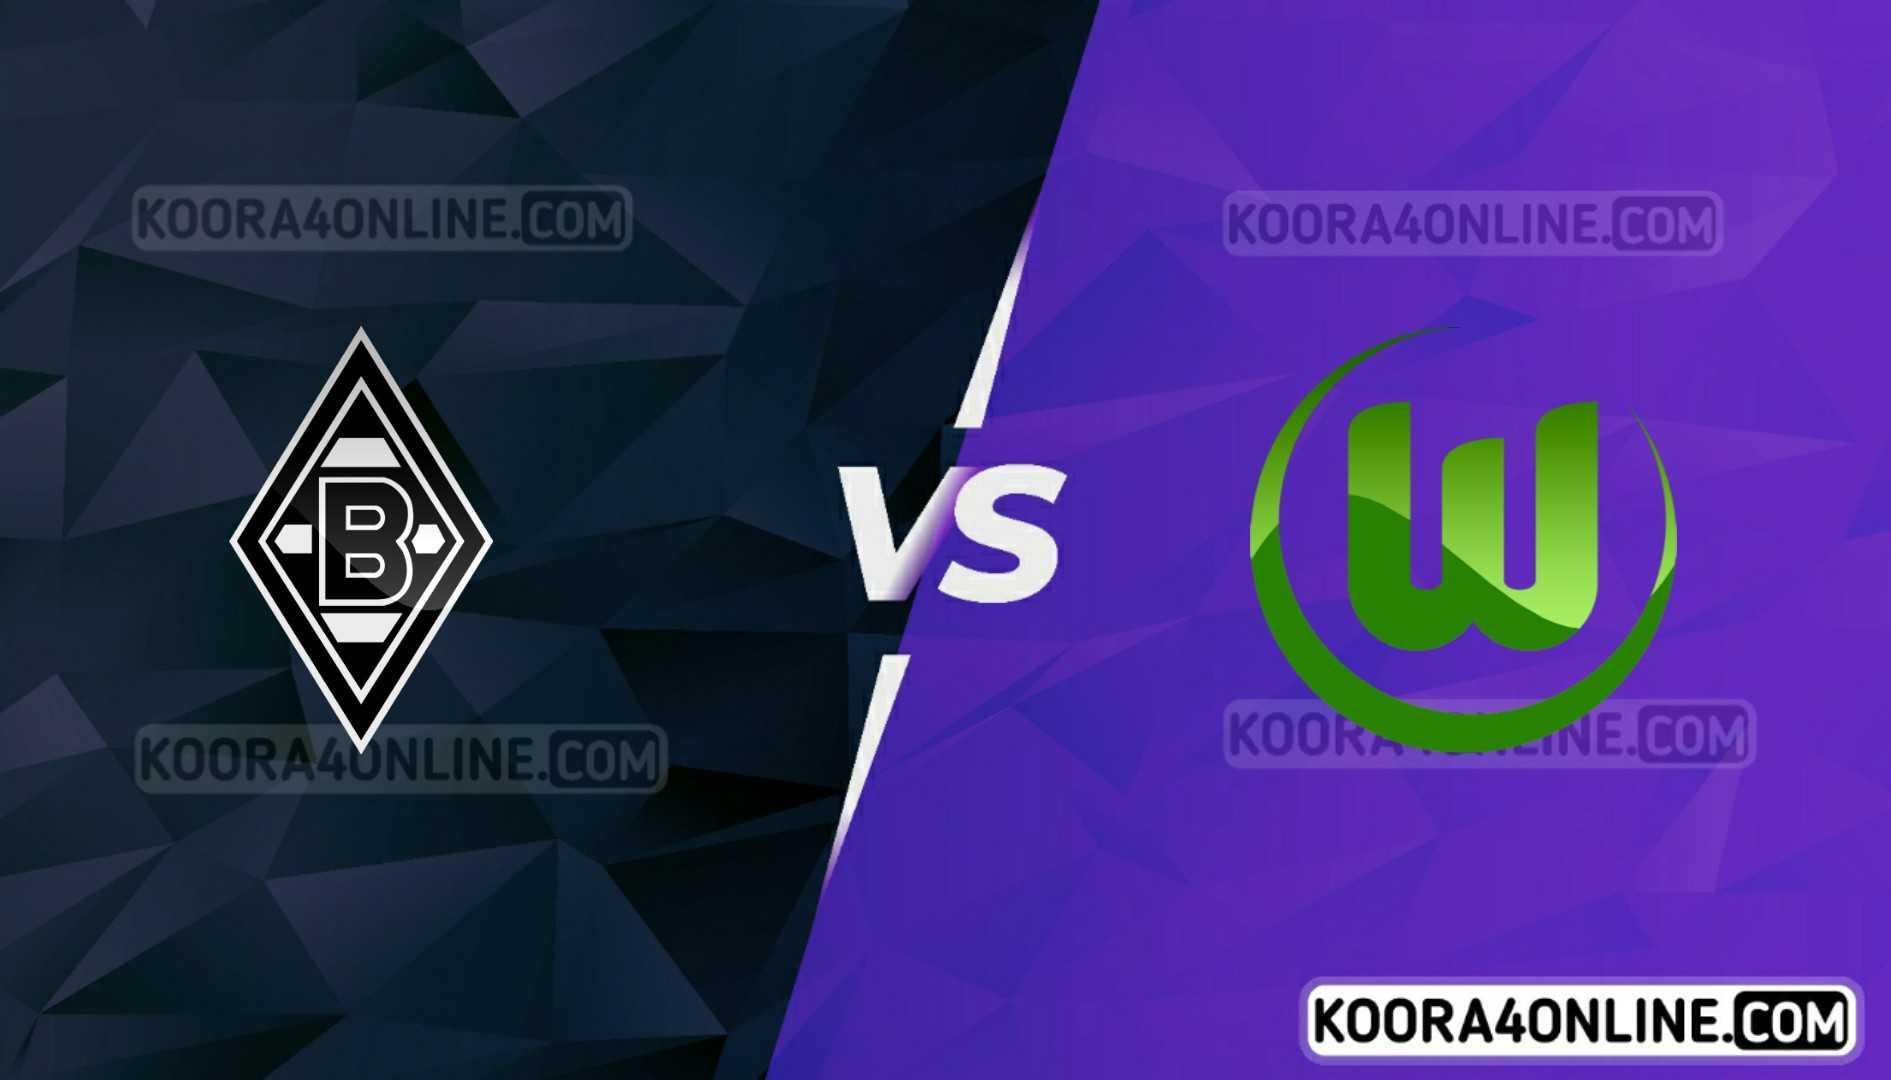 مشاهدة مباراة فولفسبورغ وبروسيا مونشنغلادباخ القادمة كورة اون لاين بث مباشر اليوم 02-10-2021 في الدوري الألماني